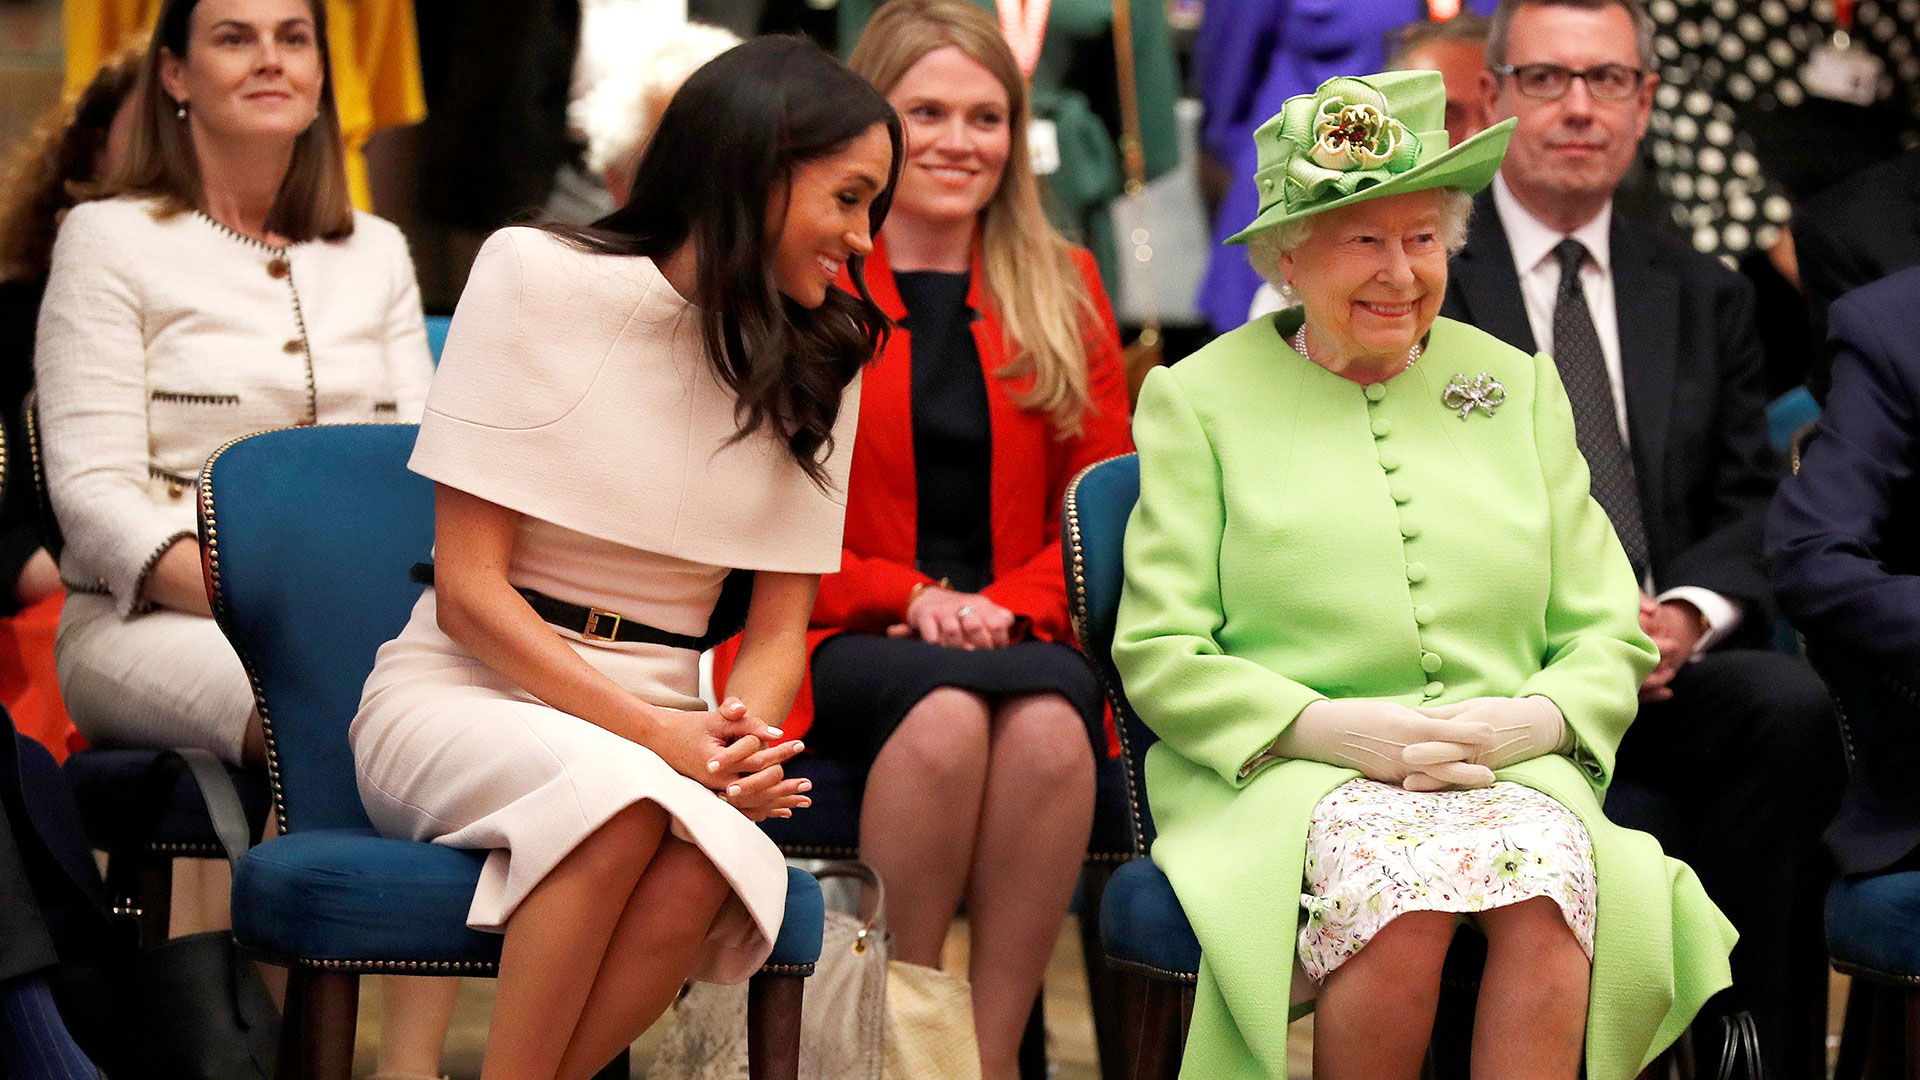 Se cruzó de piernas al estar sentada, parte de los usos y costumbres de la corona británica